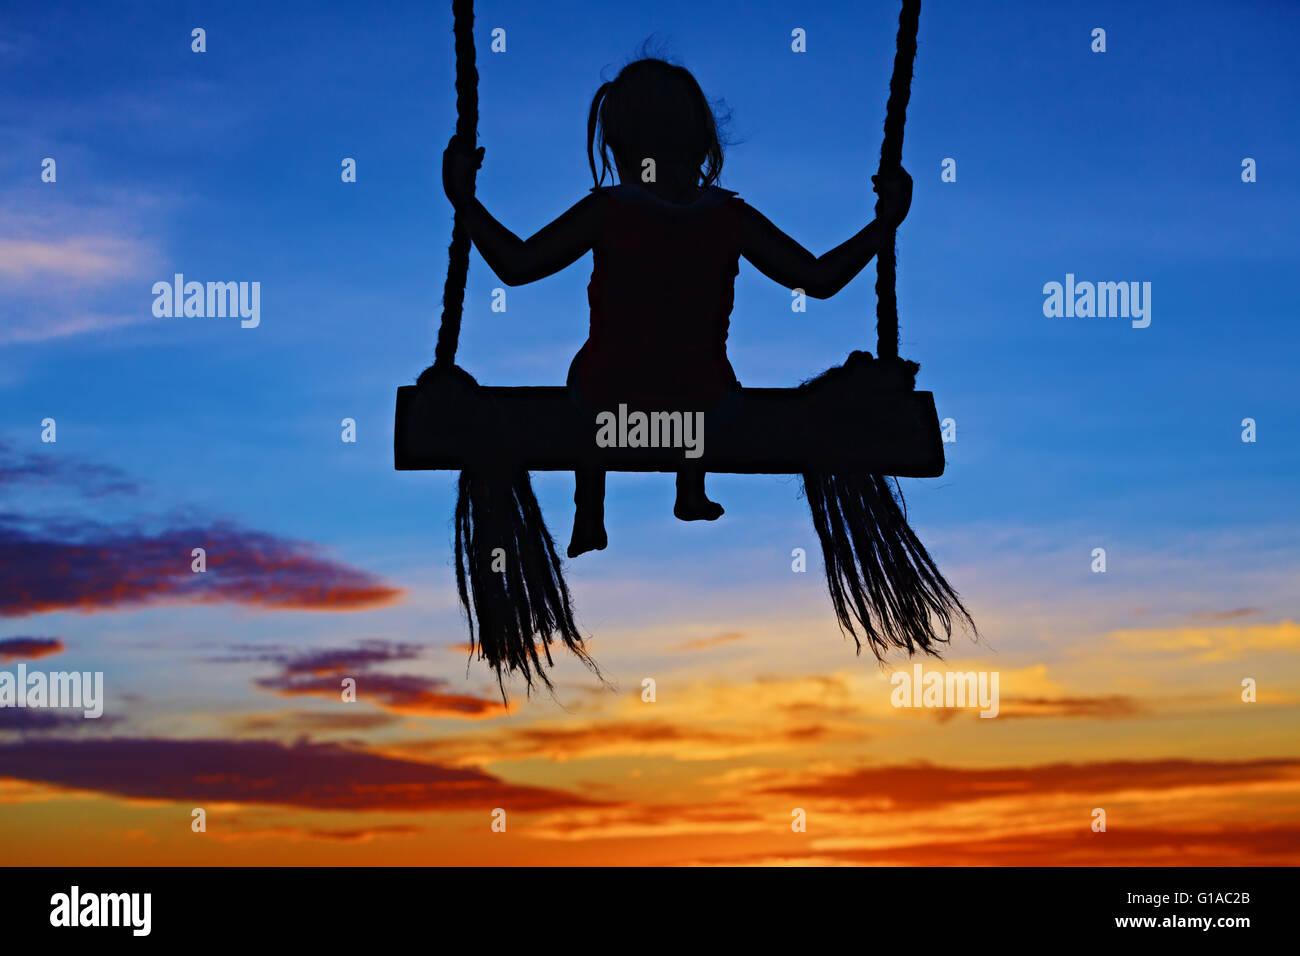 Silhouette noire de baby girl de haut vol avec plaisir sur rope swing bleu orange sur fond de ciel coucher de soleil. Photo Stock